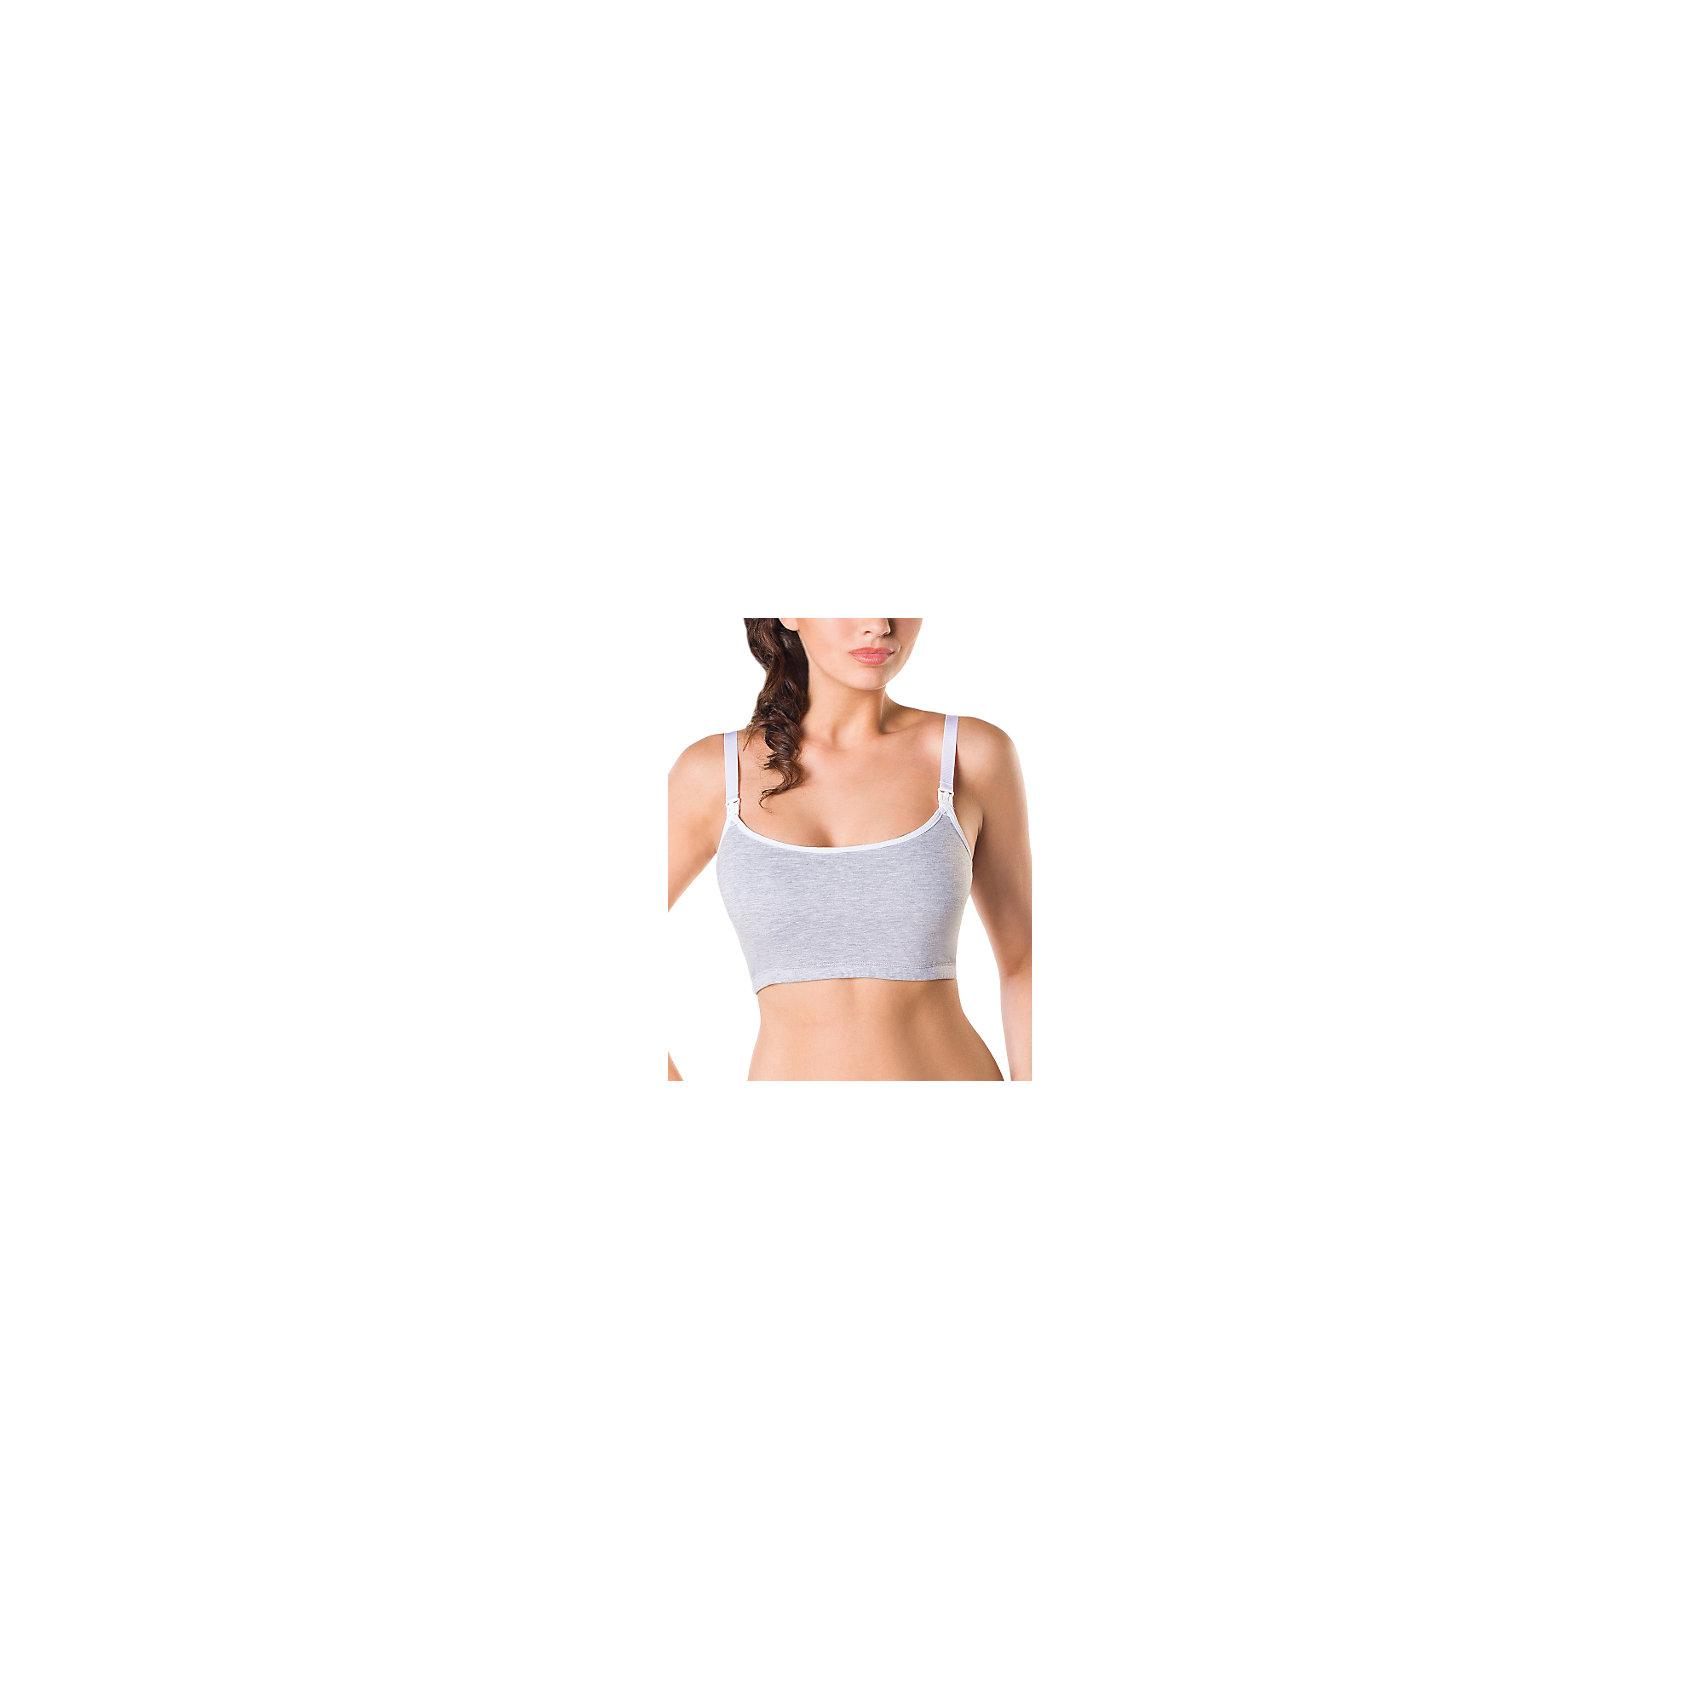 Майка для кормящих женщин ФЭСТМайка укороченная (топ) ФЭСТ для кормящих женщин рекомендована Российским обществом акушеров-гинекологов.<br>Модель с узкими бретелями можно носить под одежду как бюстгальтер.<br>Эластичный хлопок хорошо поддерживает грудь, подстраиваясь под естественные изменения тела во время беременности и после родов.<br>Резинка по нижнему краю топа фиксирует грудь, не оказывая давления<br><br><br>Состав: ПЭ-69%, хлопок-27%, эластан-4%<br><br>Ширина мм: 196<br>Глубина мм: 10<br>Высота мм: 154<br>Вес г: 152<br>Цвет: серый<br>Возраст от месяцев: 0<br>Возраст до месяцев: 1188<br>Пол: Женский<br>Возраст: Детский<br>Размер: 50,46,44,48<br>SKU: 4917603